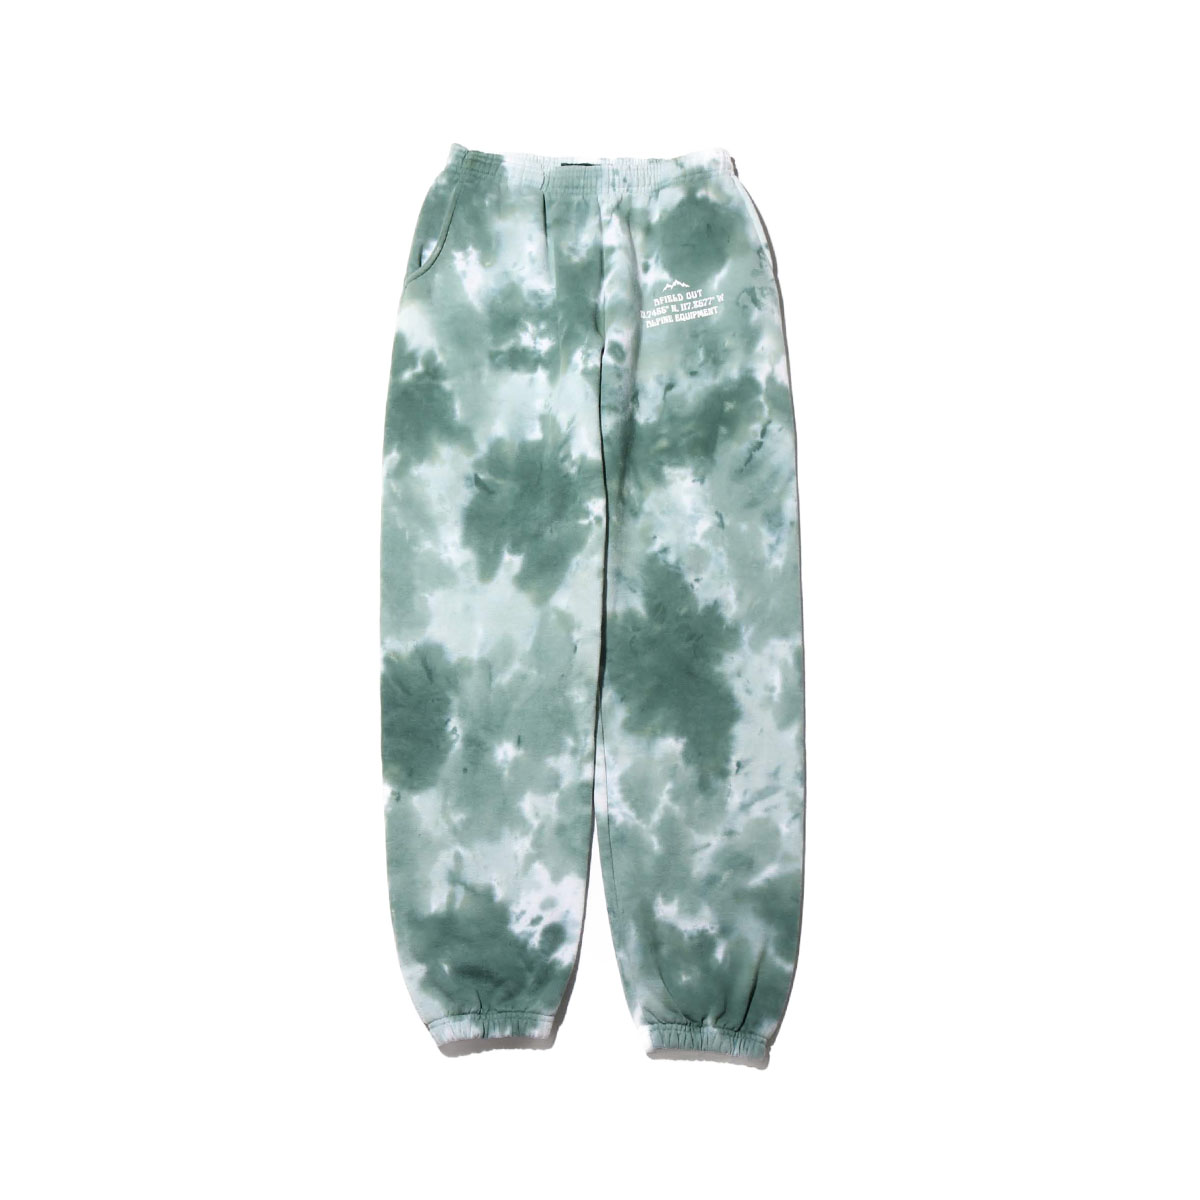 AFIELD OUT TIE DYE SWEAT PANTS(Green Tie Dye)(アフィールドアウト タイダイ フーディ スウェットパンツ)【メンズ】【ロングパンツ】【20SU-I】